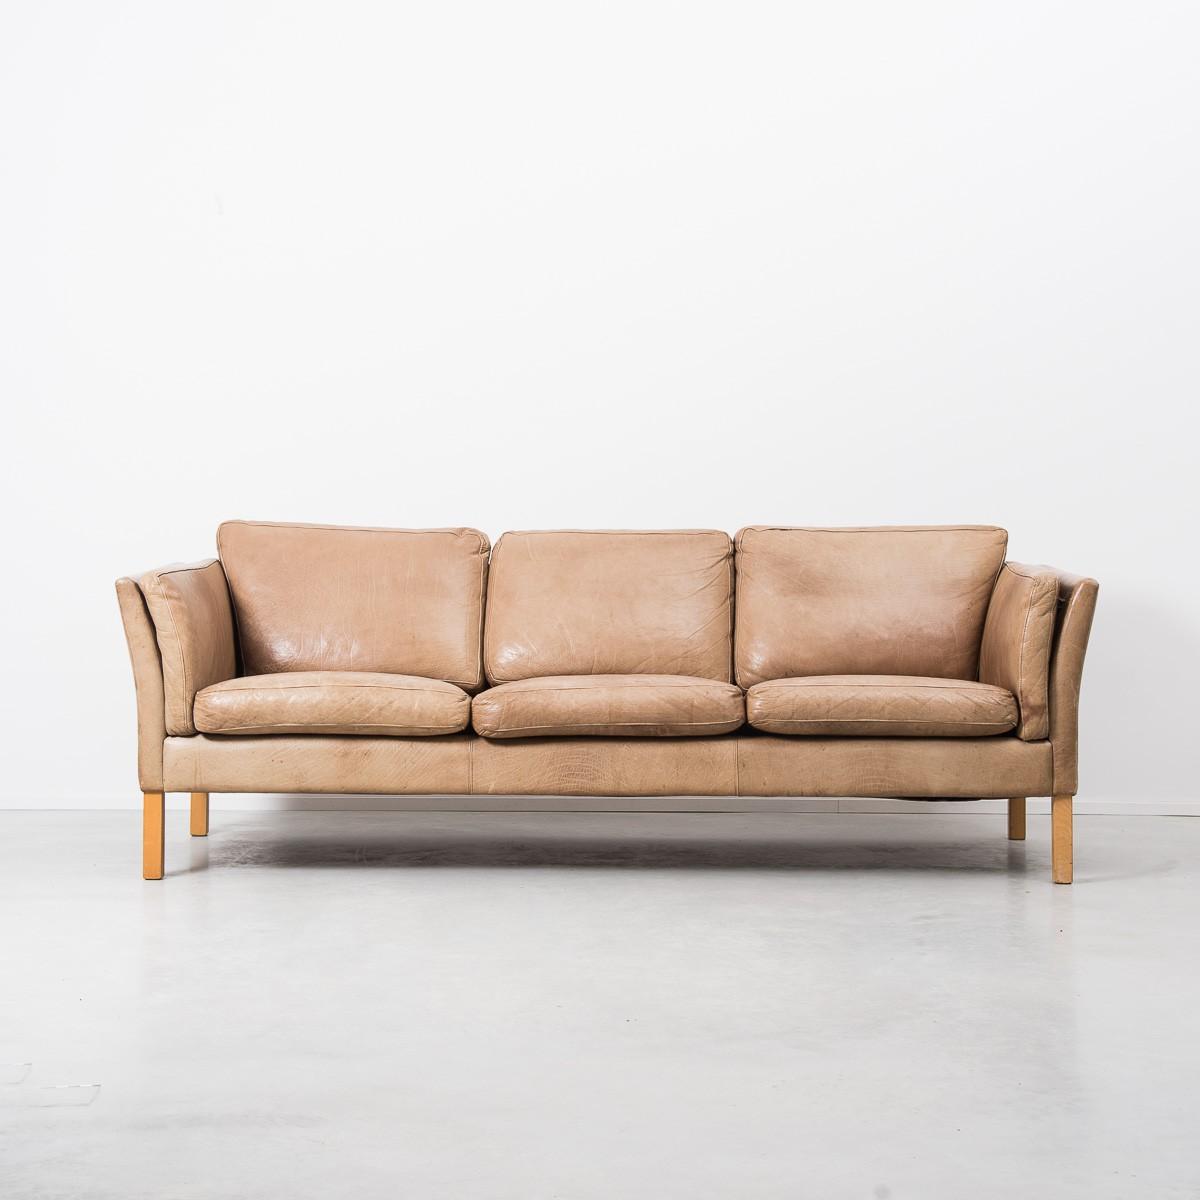 Scandinavian Leather Sofa, Erik JORGENSEN